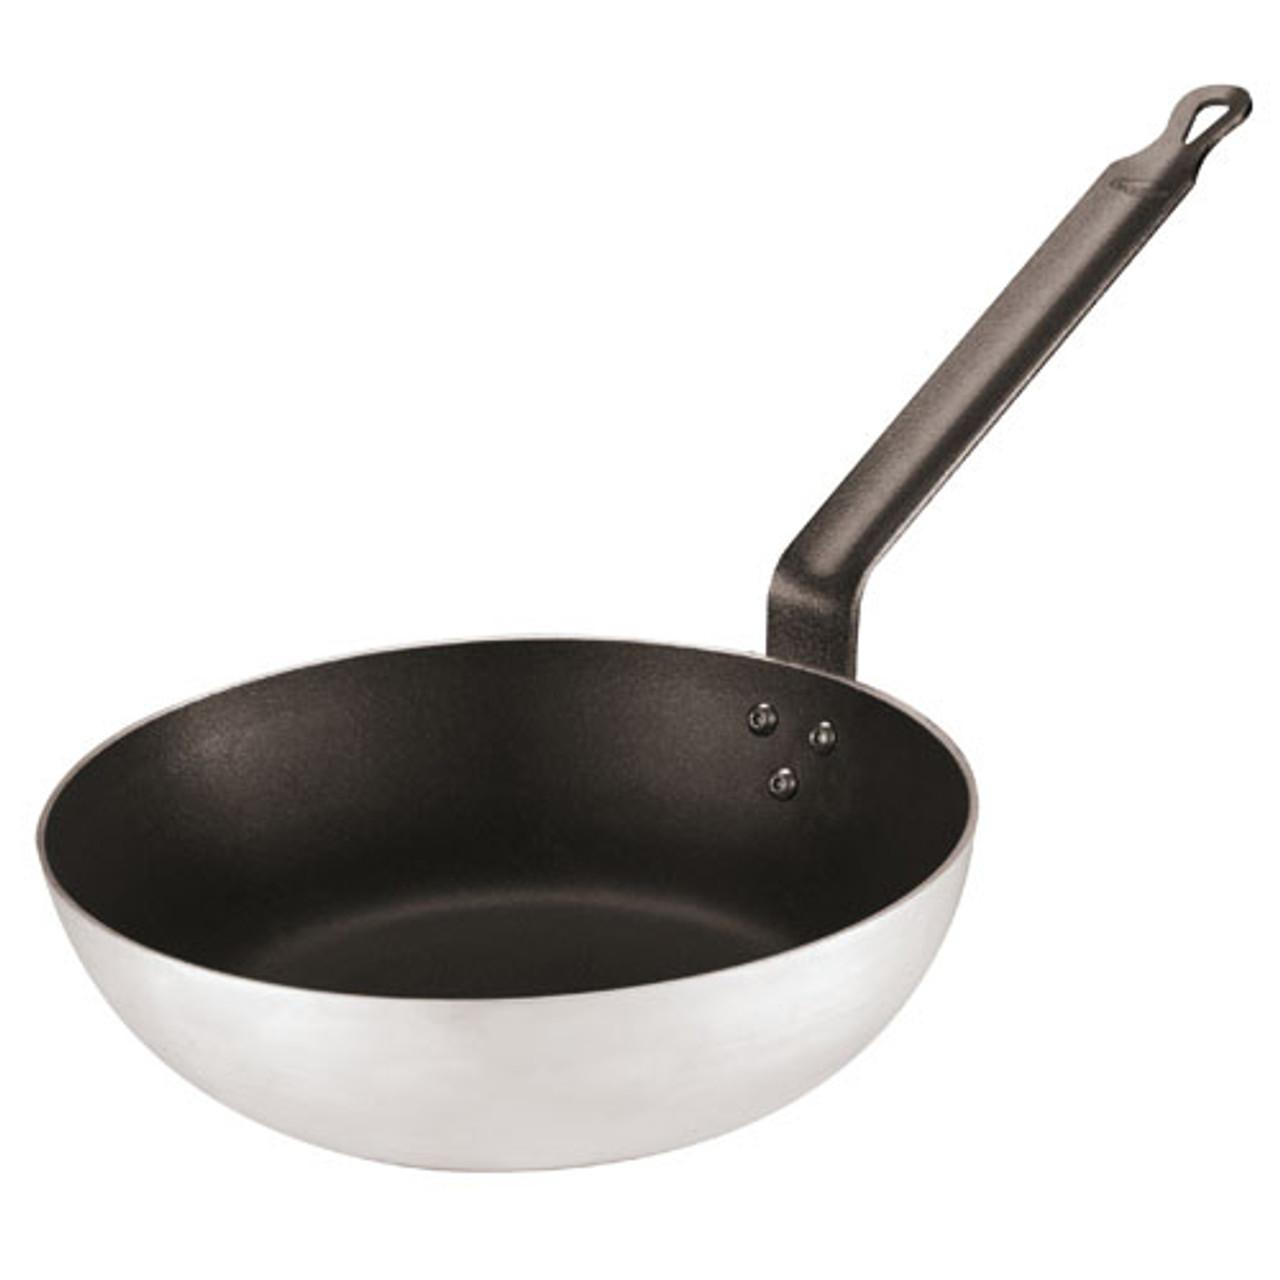 11 Non-stick Splayed Sauté Pan , L 11 x W 11 x H 3.75